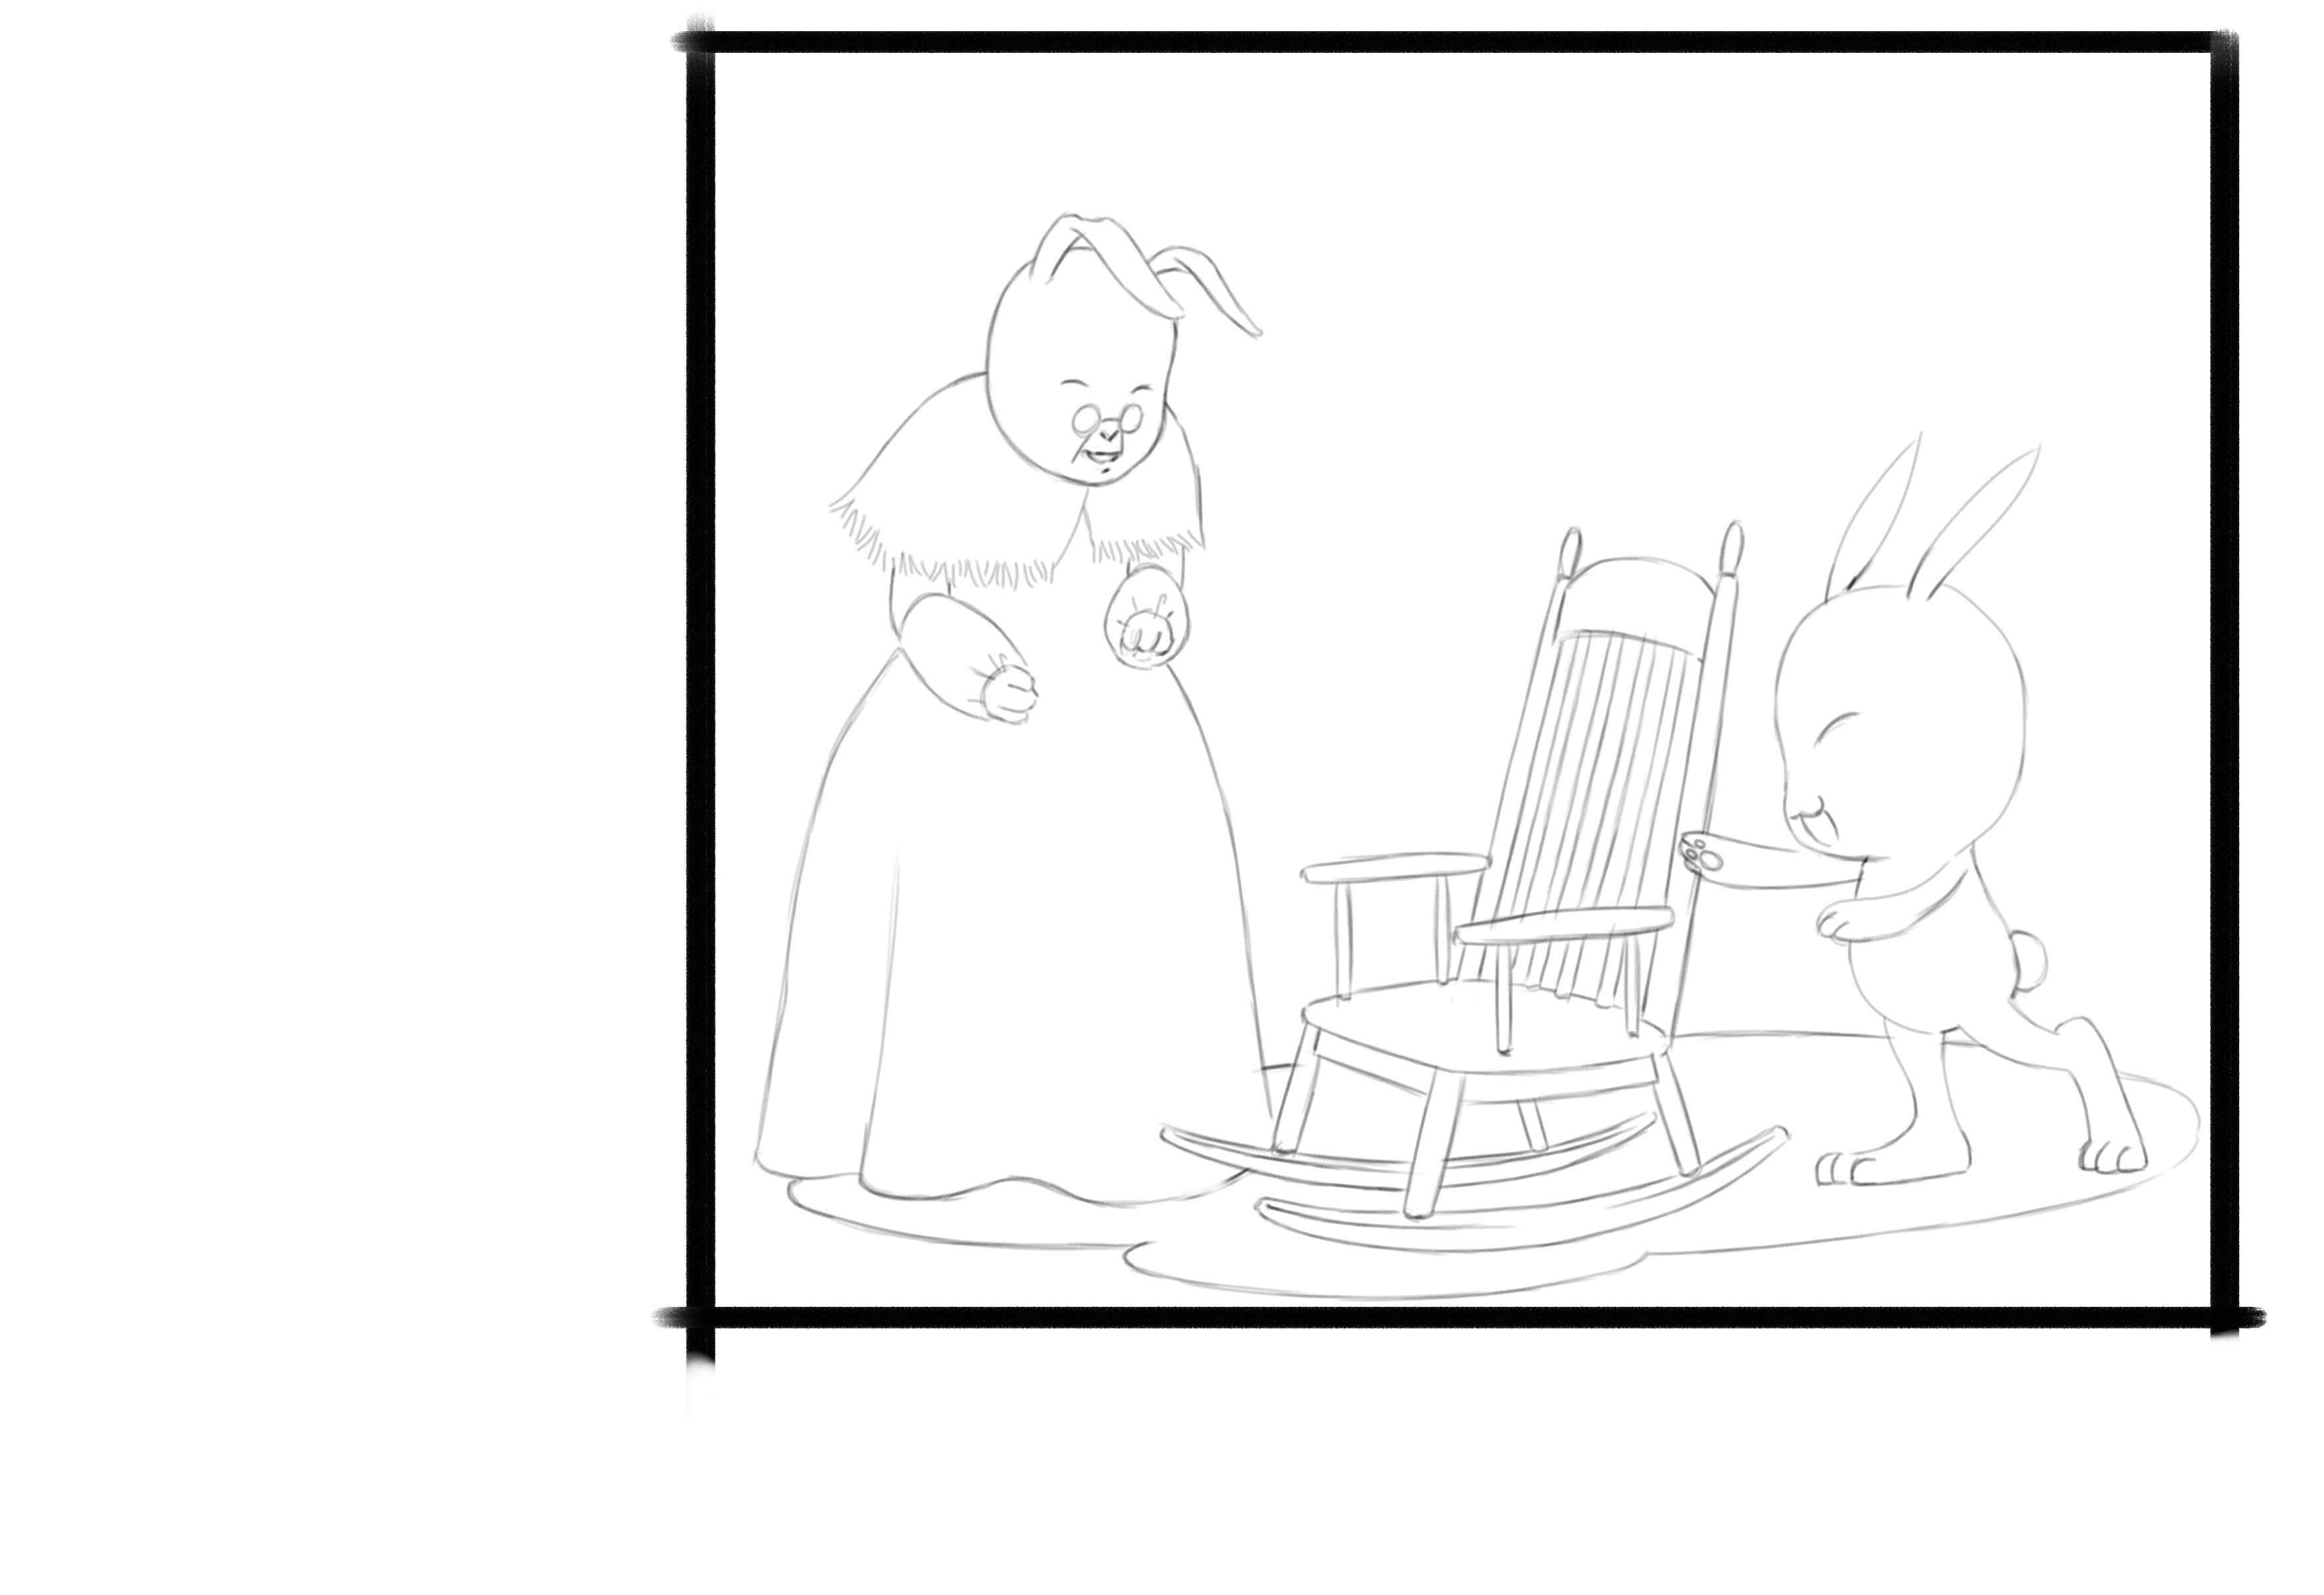 白兔奶奶的摇椅